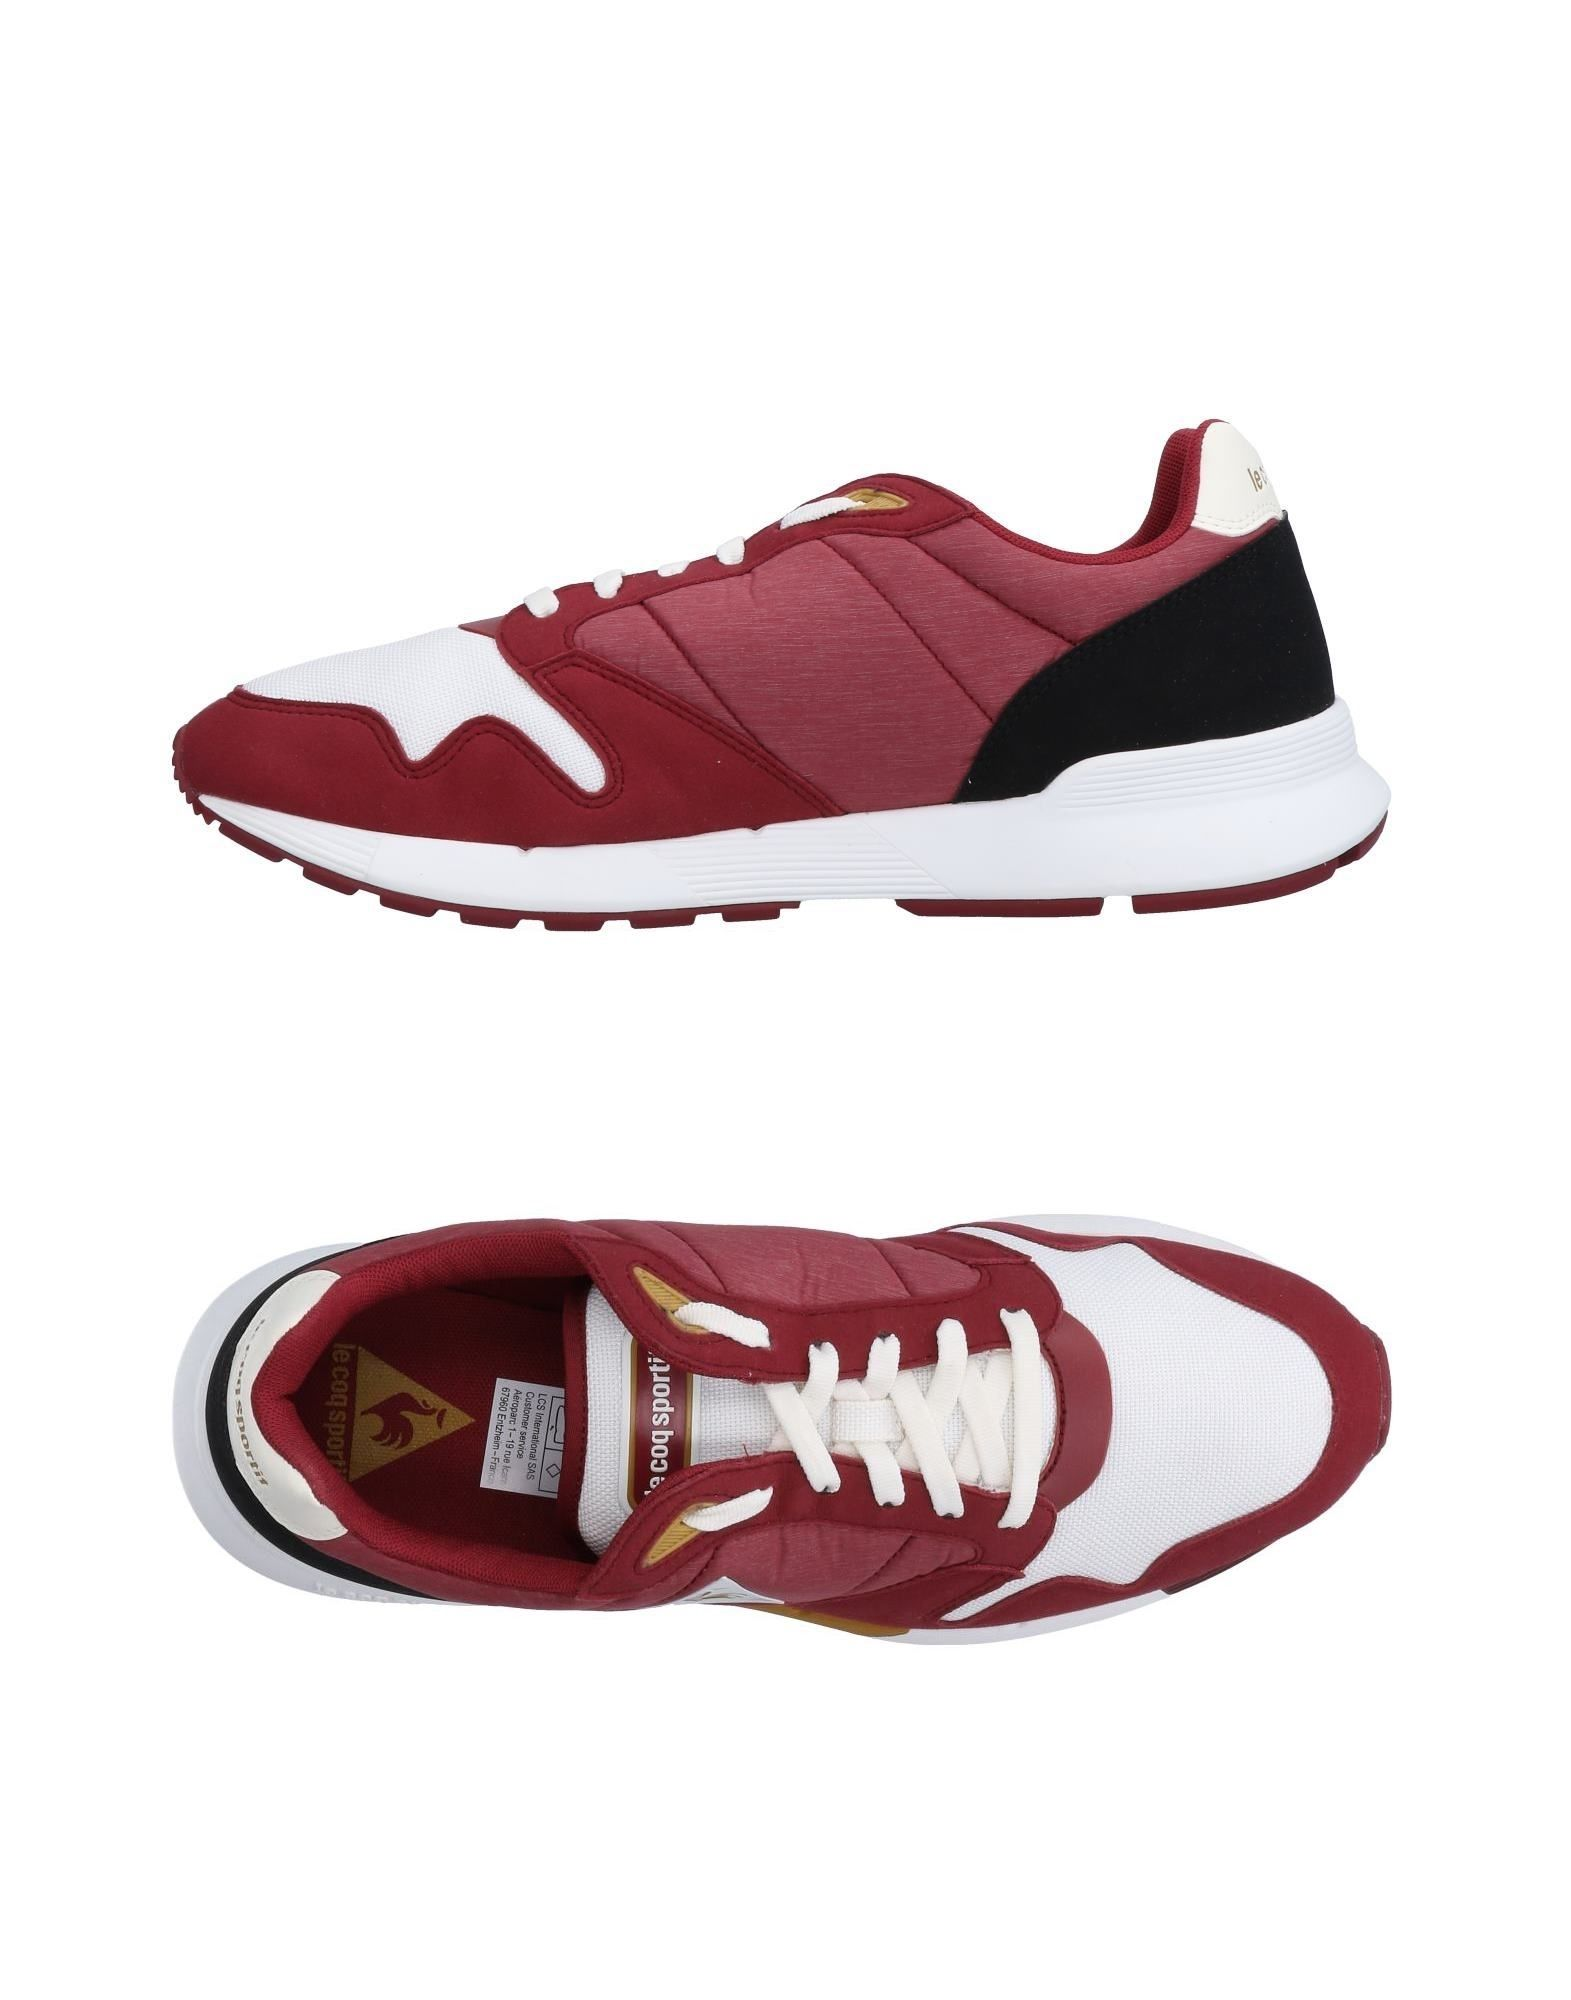 Rabatt echte Schuhe Herren Le Coq Sportif Sneakers Herren Schuhe  11516943XP d05634